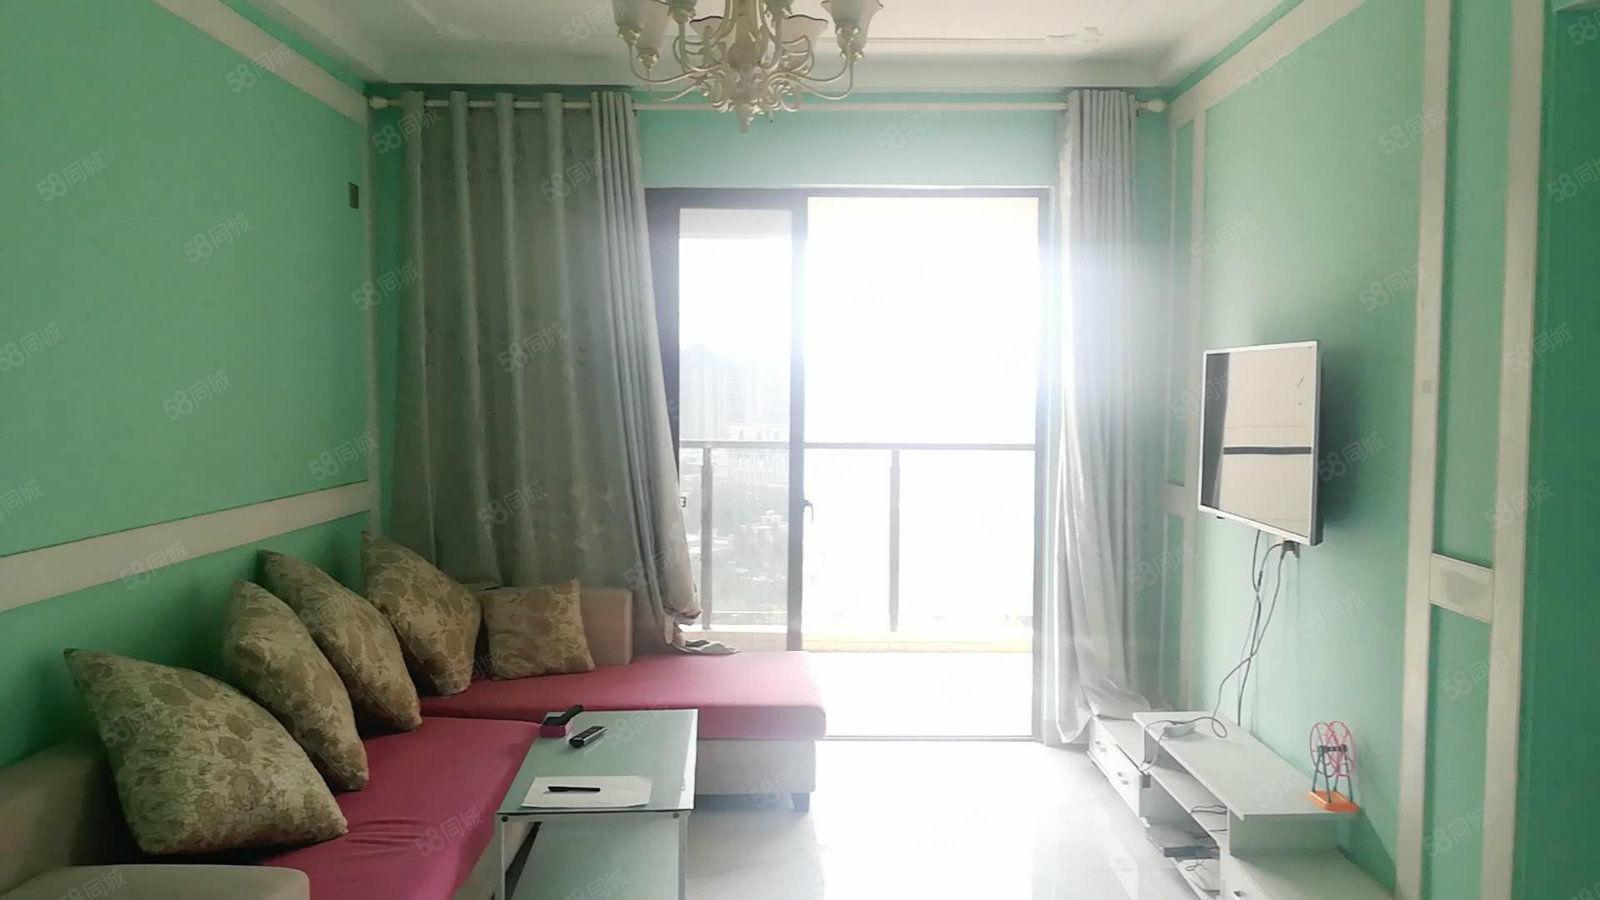 澄迈老城软件园周边大同南海馨居1房2厅1300半年可租